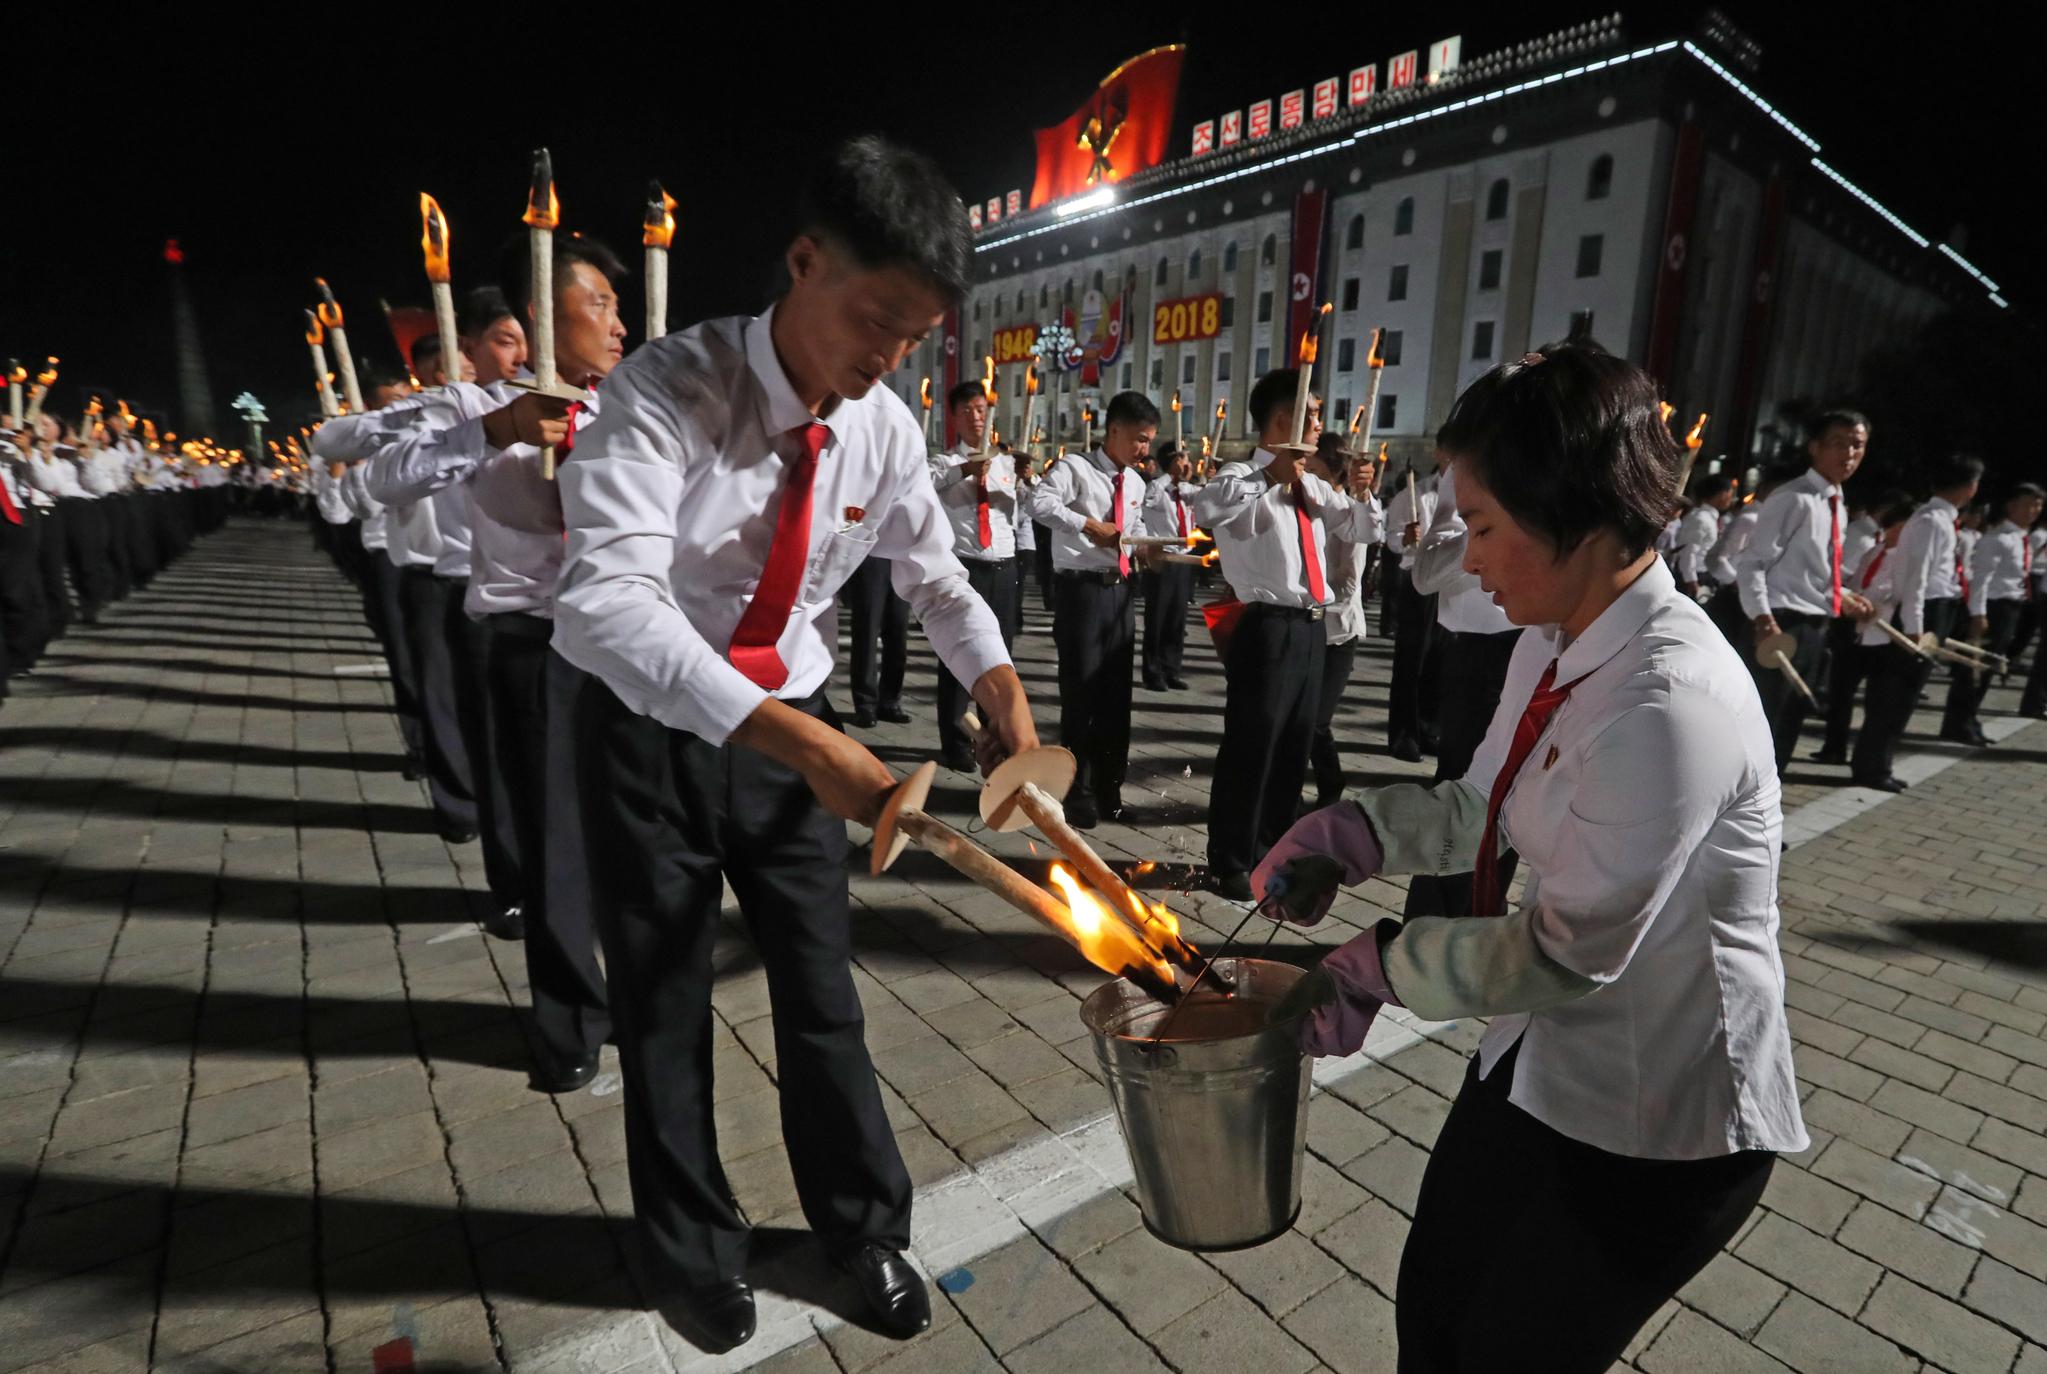 날이 어두워지자 북한 청년들이 횃불에 불을 붙이고 있다. [타스=연합뉴스]